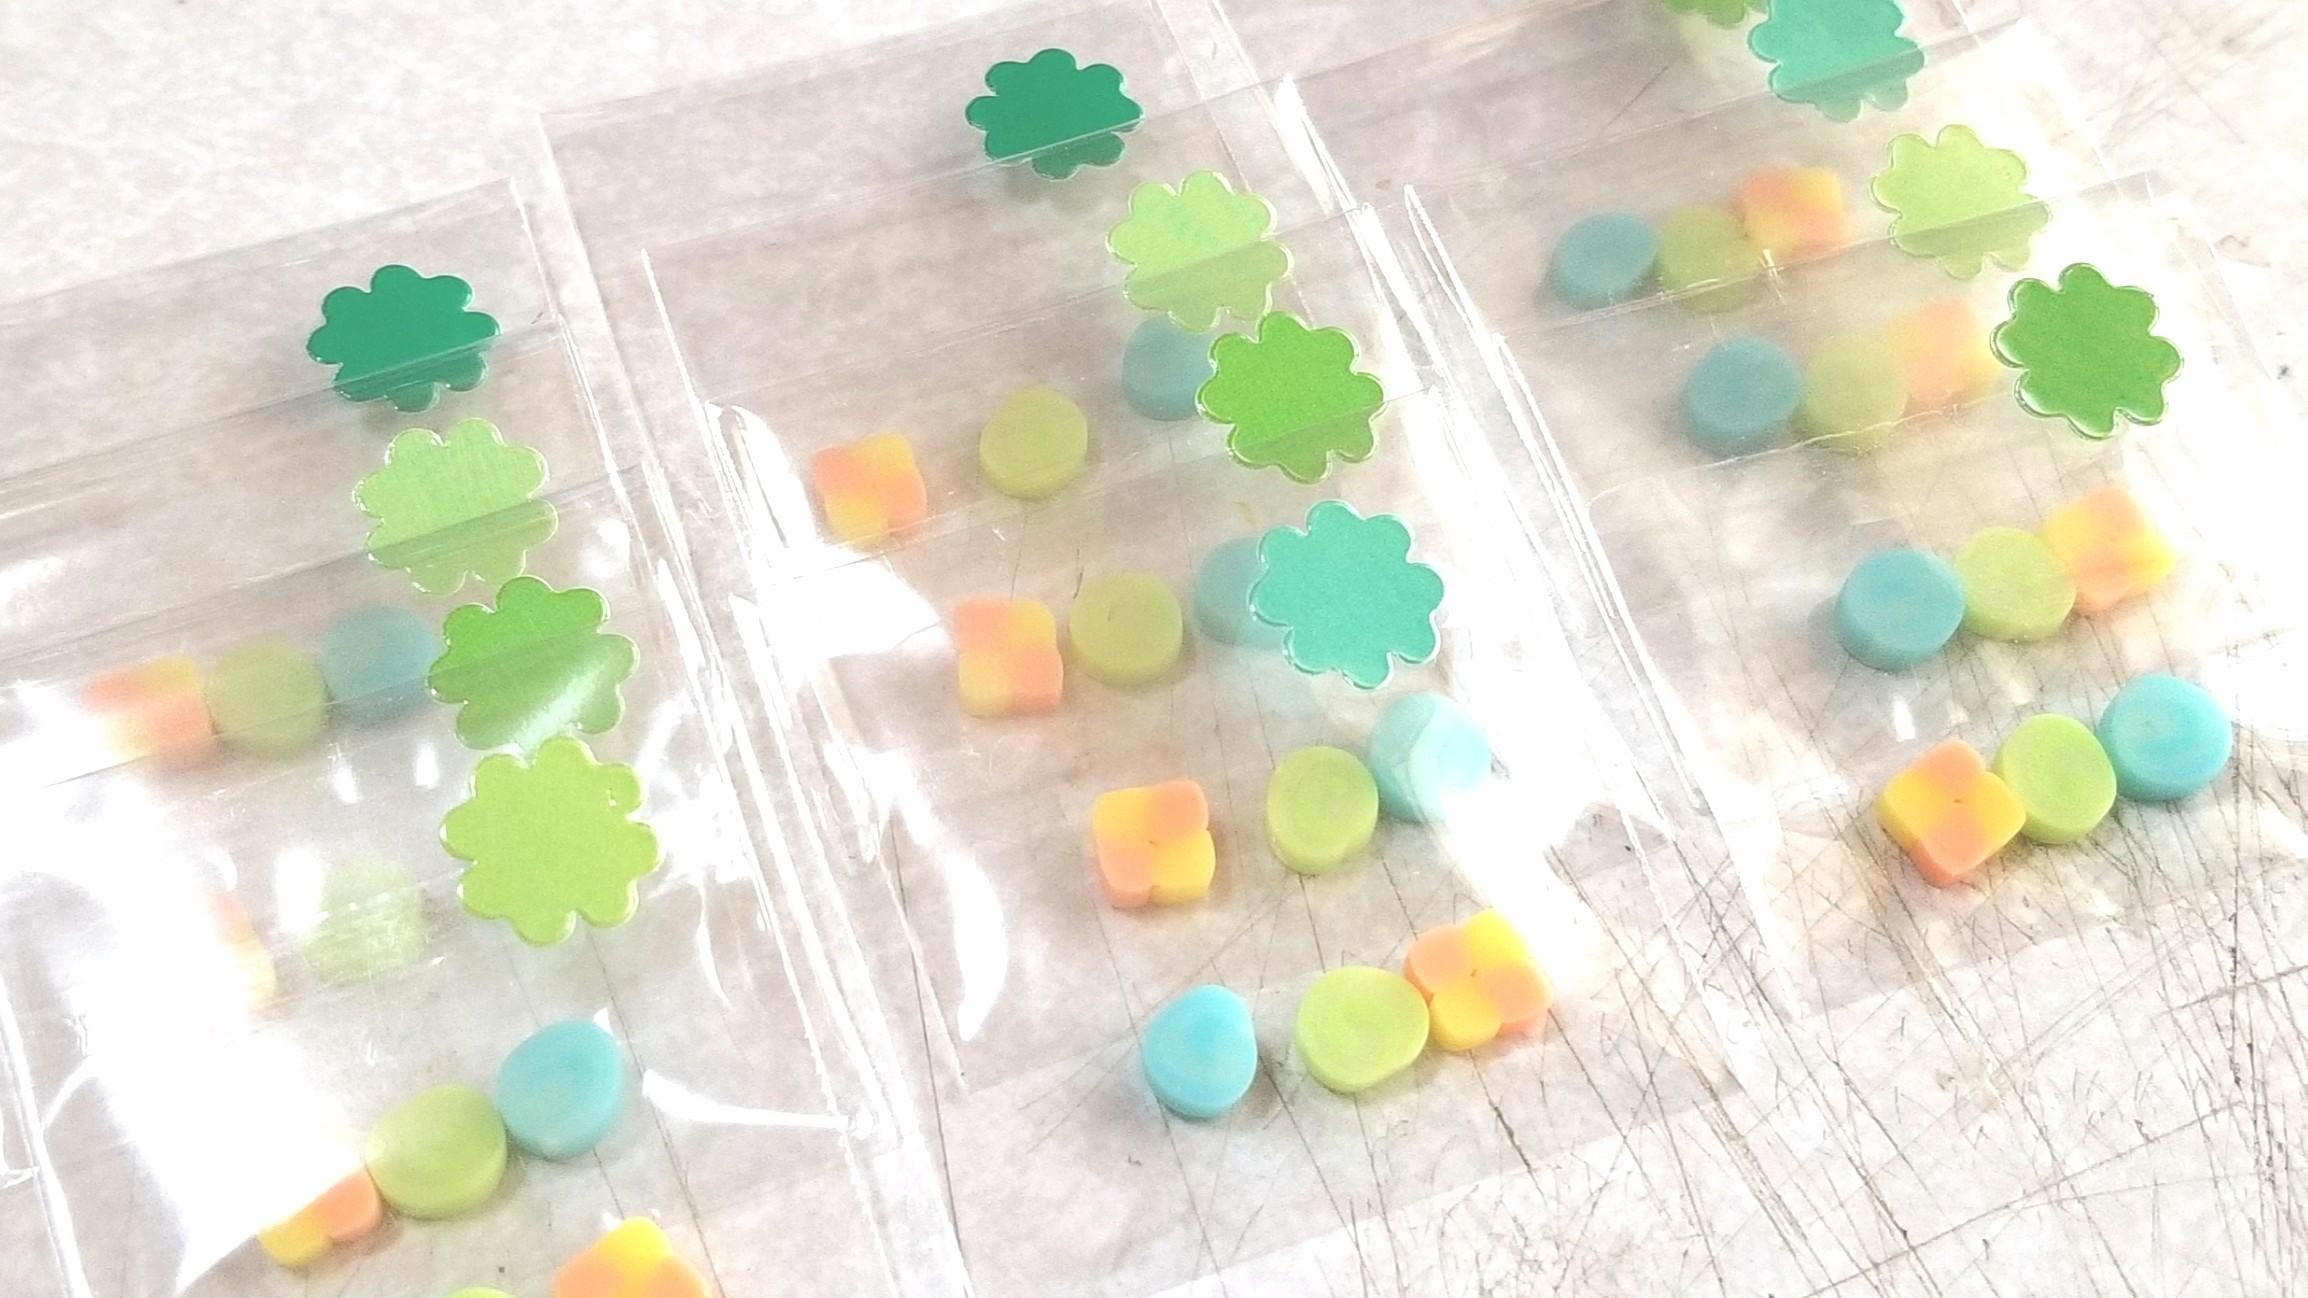 ミニチュアフード,キャンディー,クッキー,飴,樹脂粘土,おまけの作品